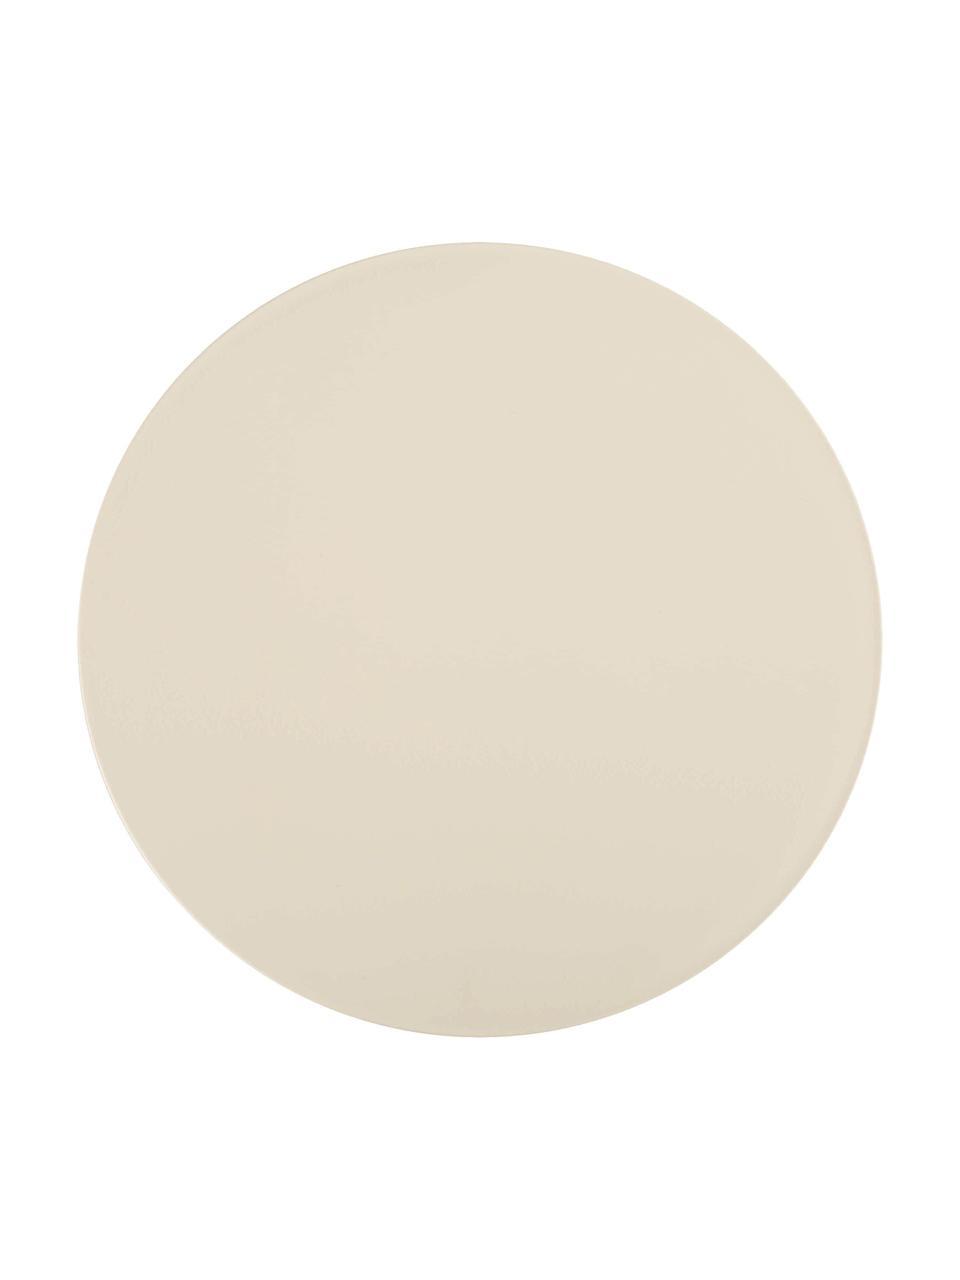 Tabouret/table d'appoint design Prince AHA, Crème